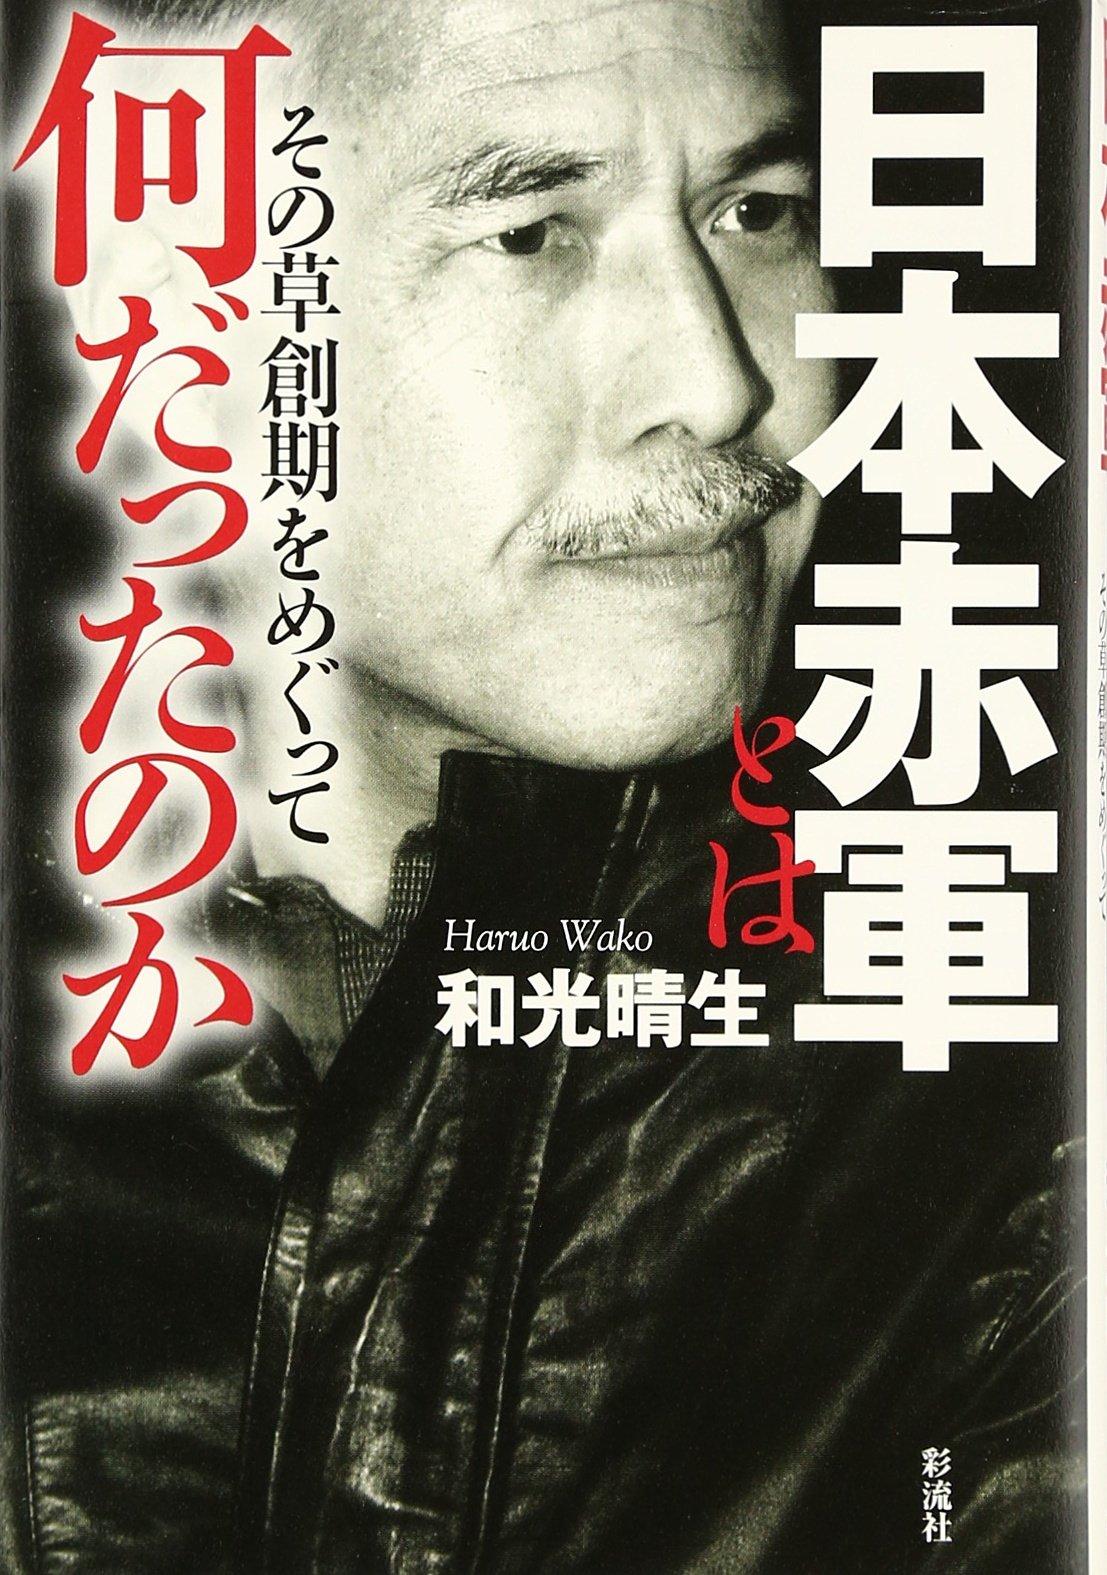 日本赤軍とは何だったのか;その草創期をめぐって | 和光 晴生 |本 ...